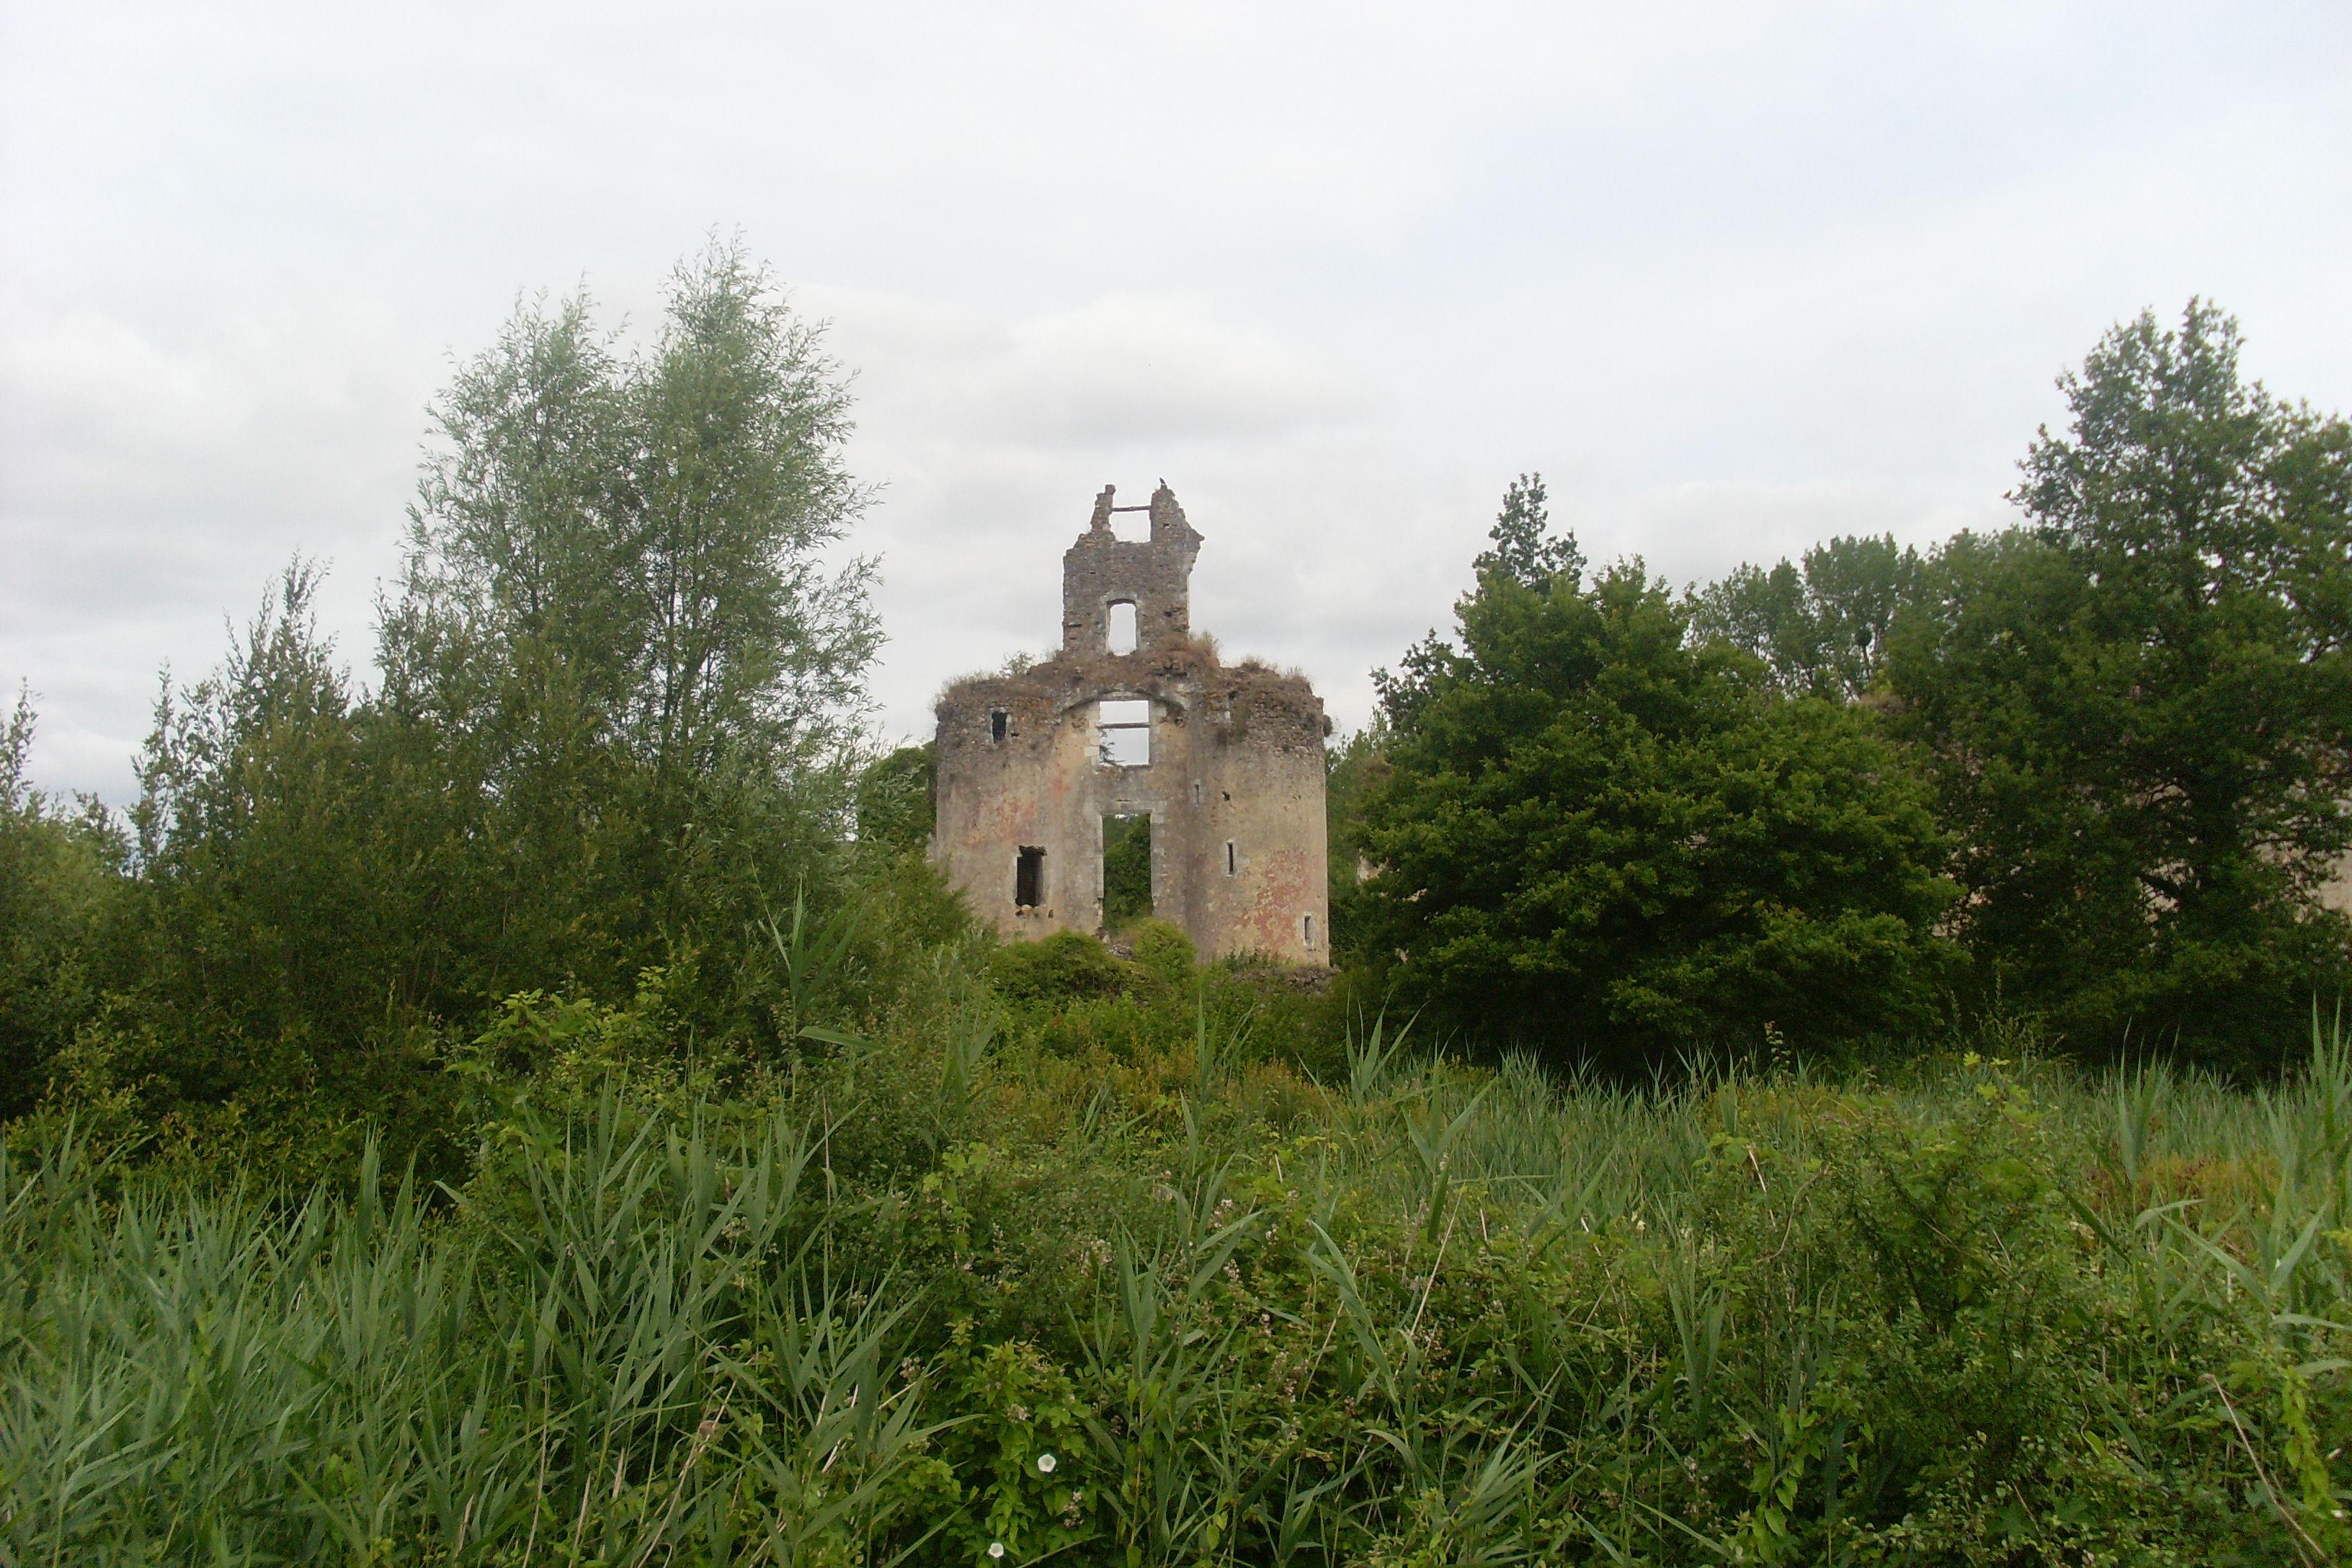 chateau-la-valliere_ruines_du_chateau_de_vaujours_vue_generale